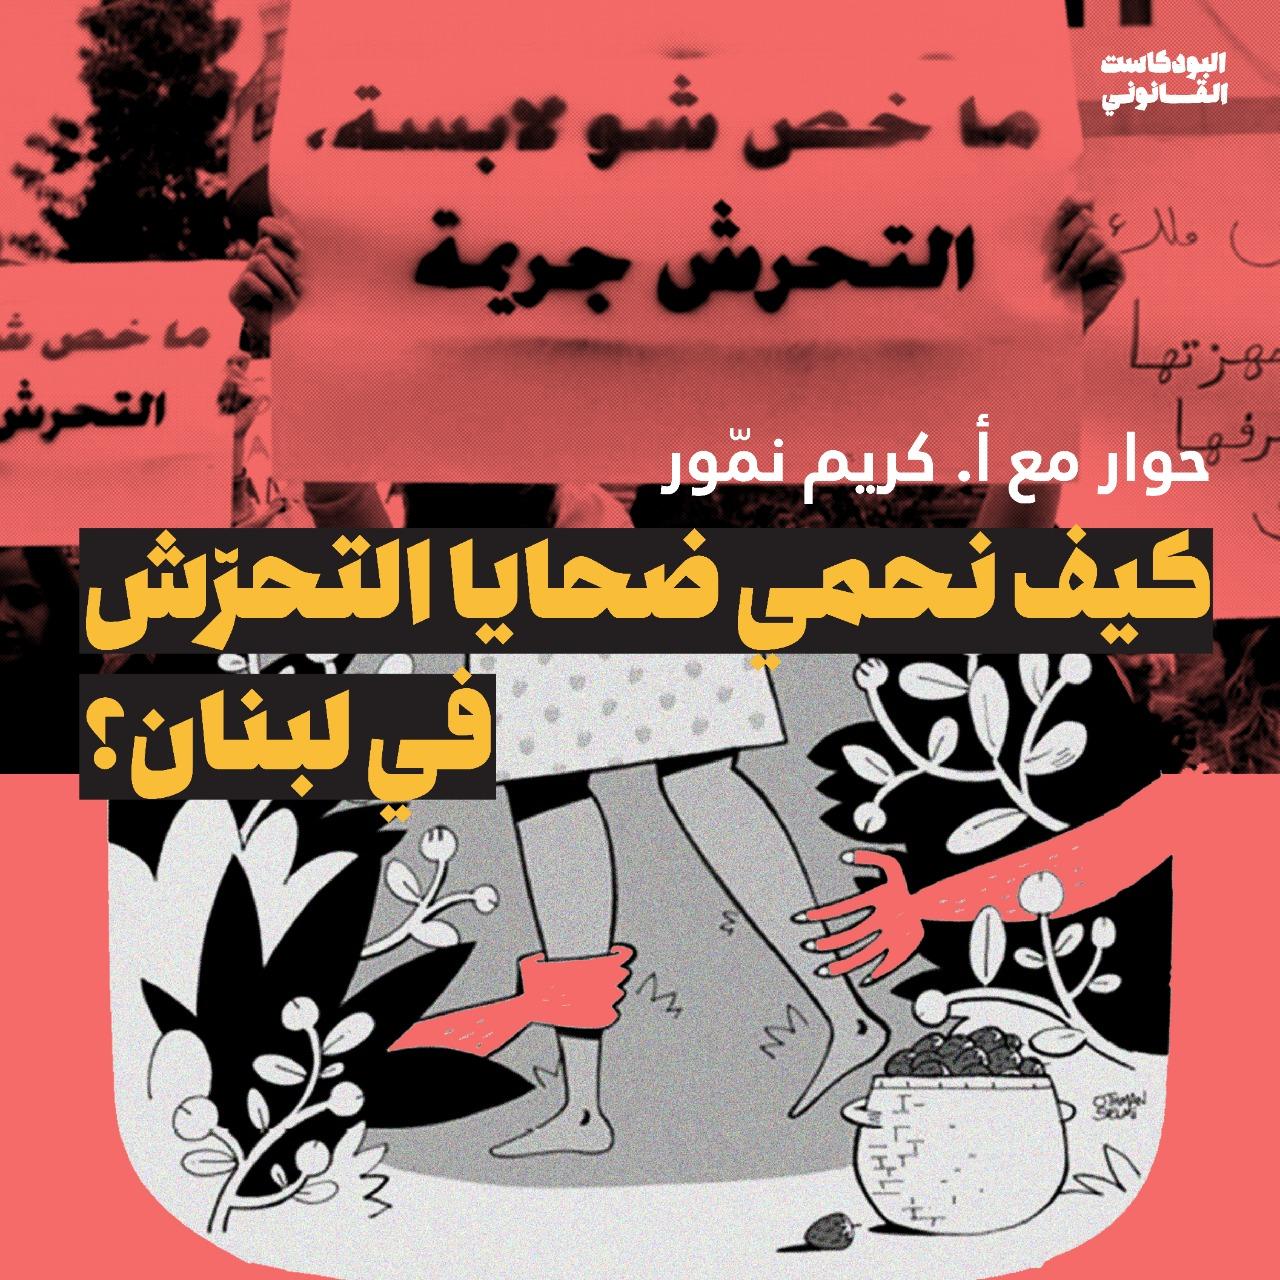 Qanuni Podcast (S02 E35): كيف نحمي ضحايا التحرّش في لبنان؟